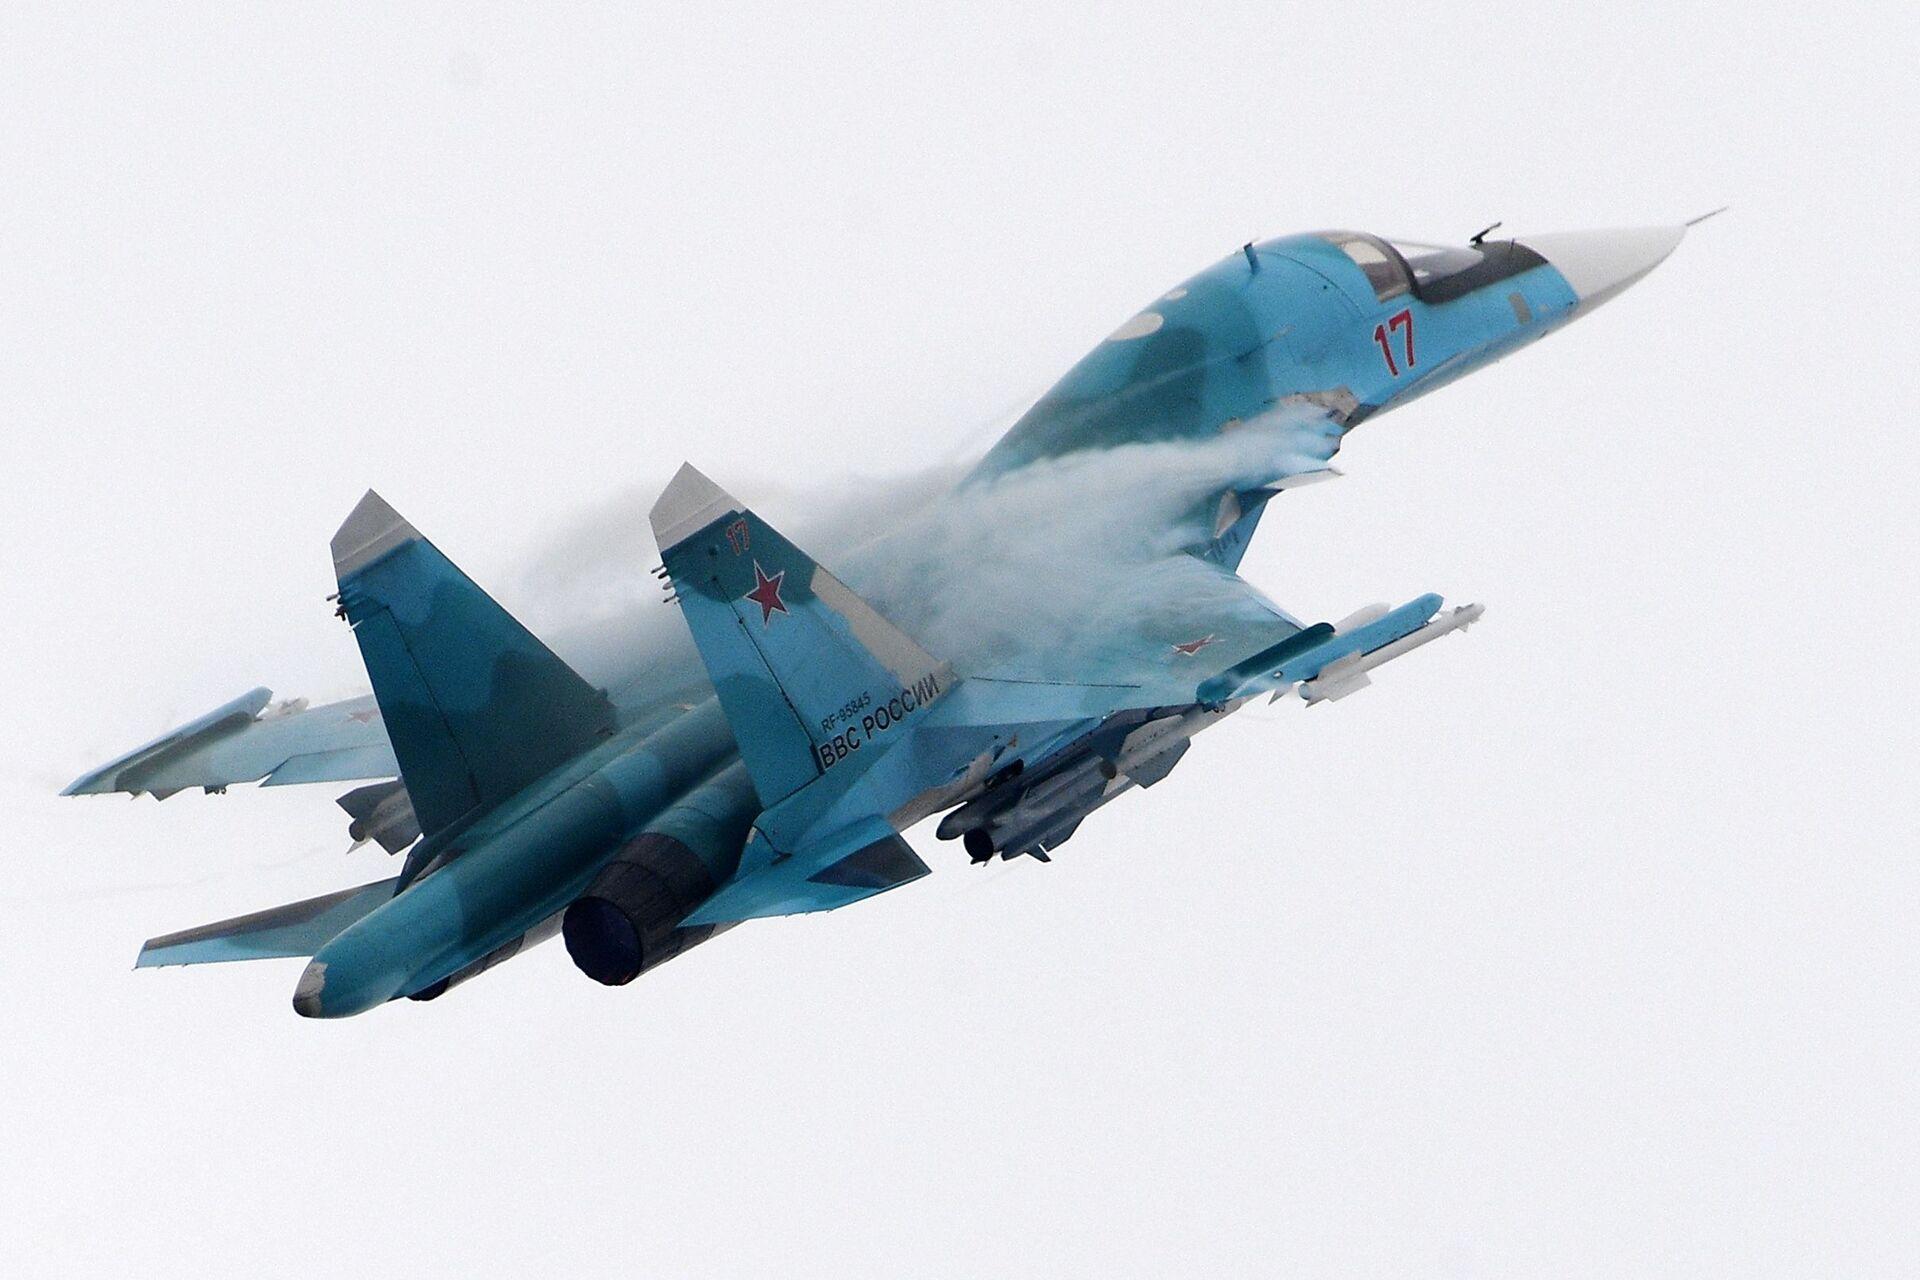 Российский многофункциональный истребитель-бомбардировщик Су-34 - РИА Новости, 1920, 26.05.2021